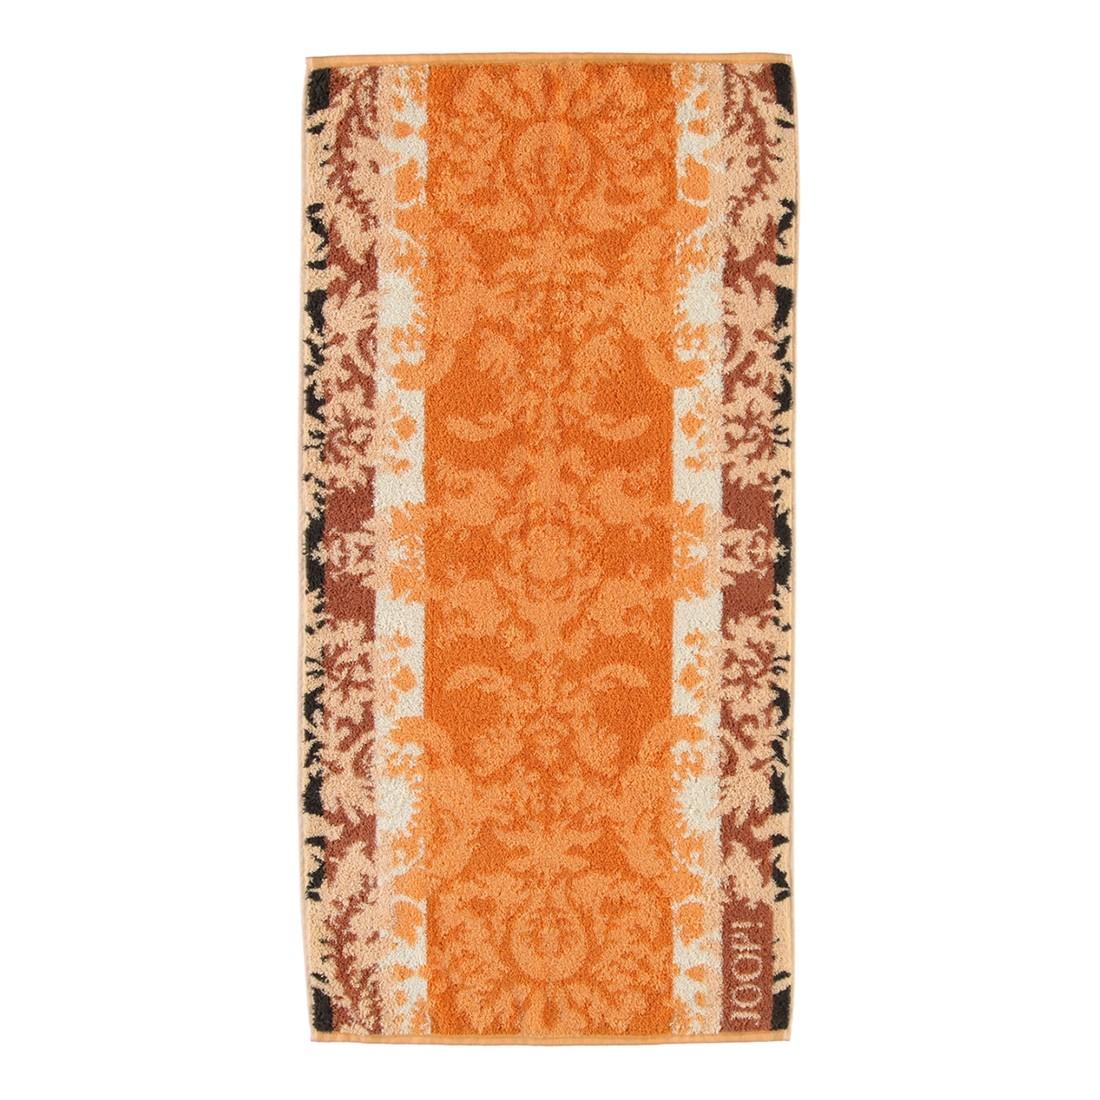 Handtuch Elegance Ornament – 100% Baumwolle kupfer – 32 – Handtuch: 50 x 100 cm, Joop günstig kaufen